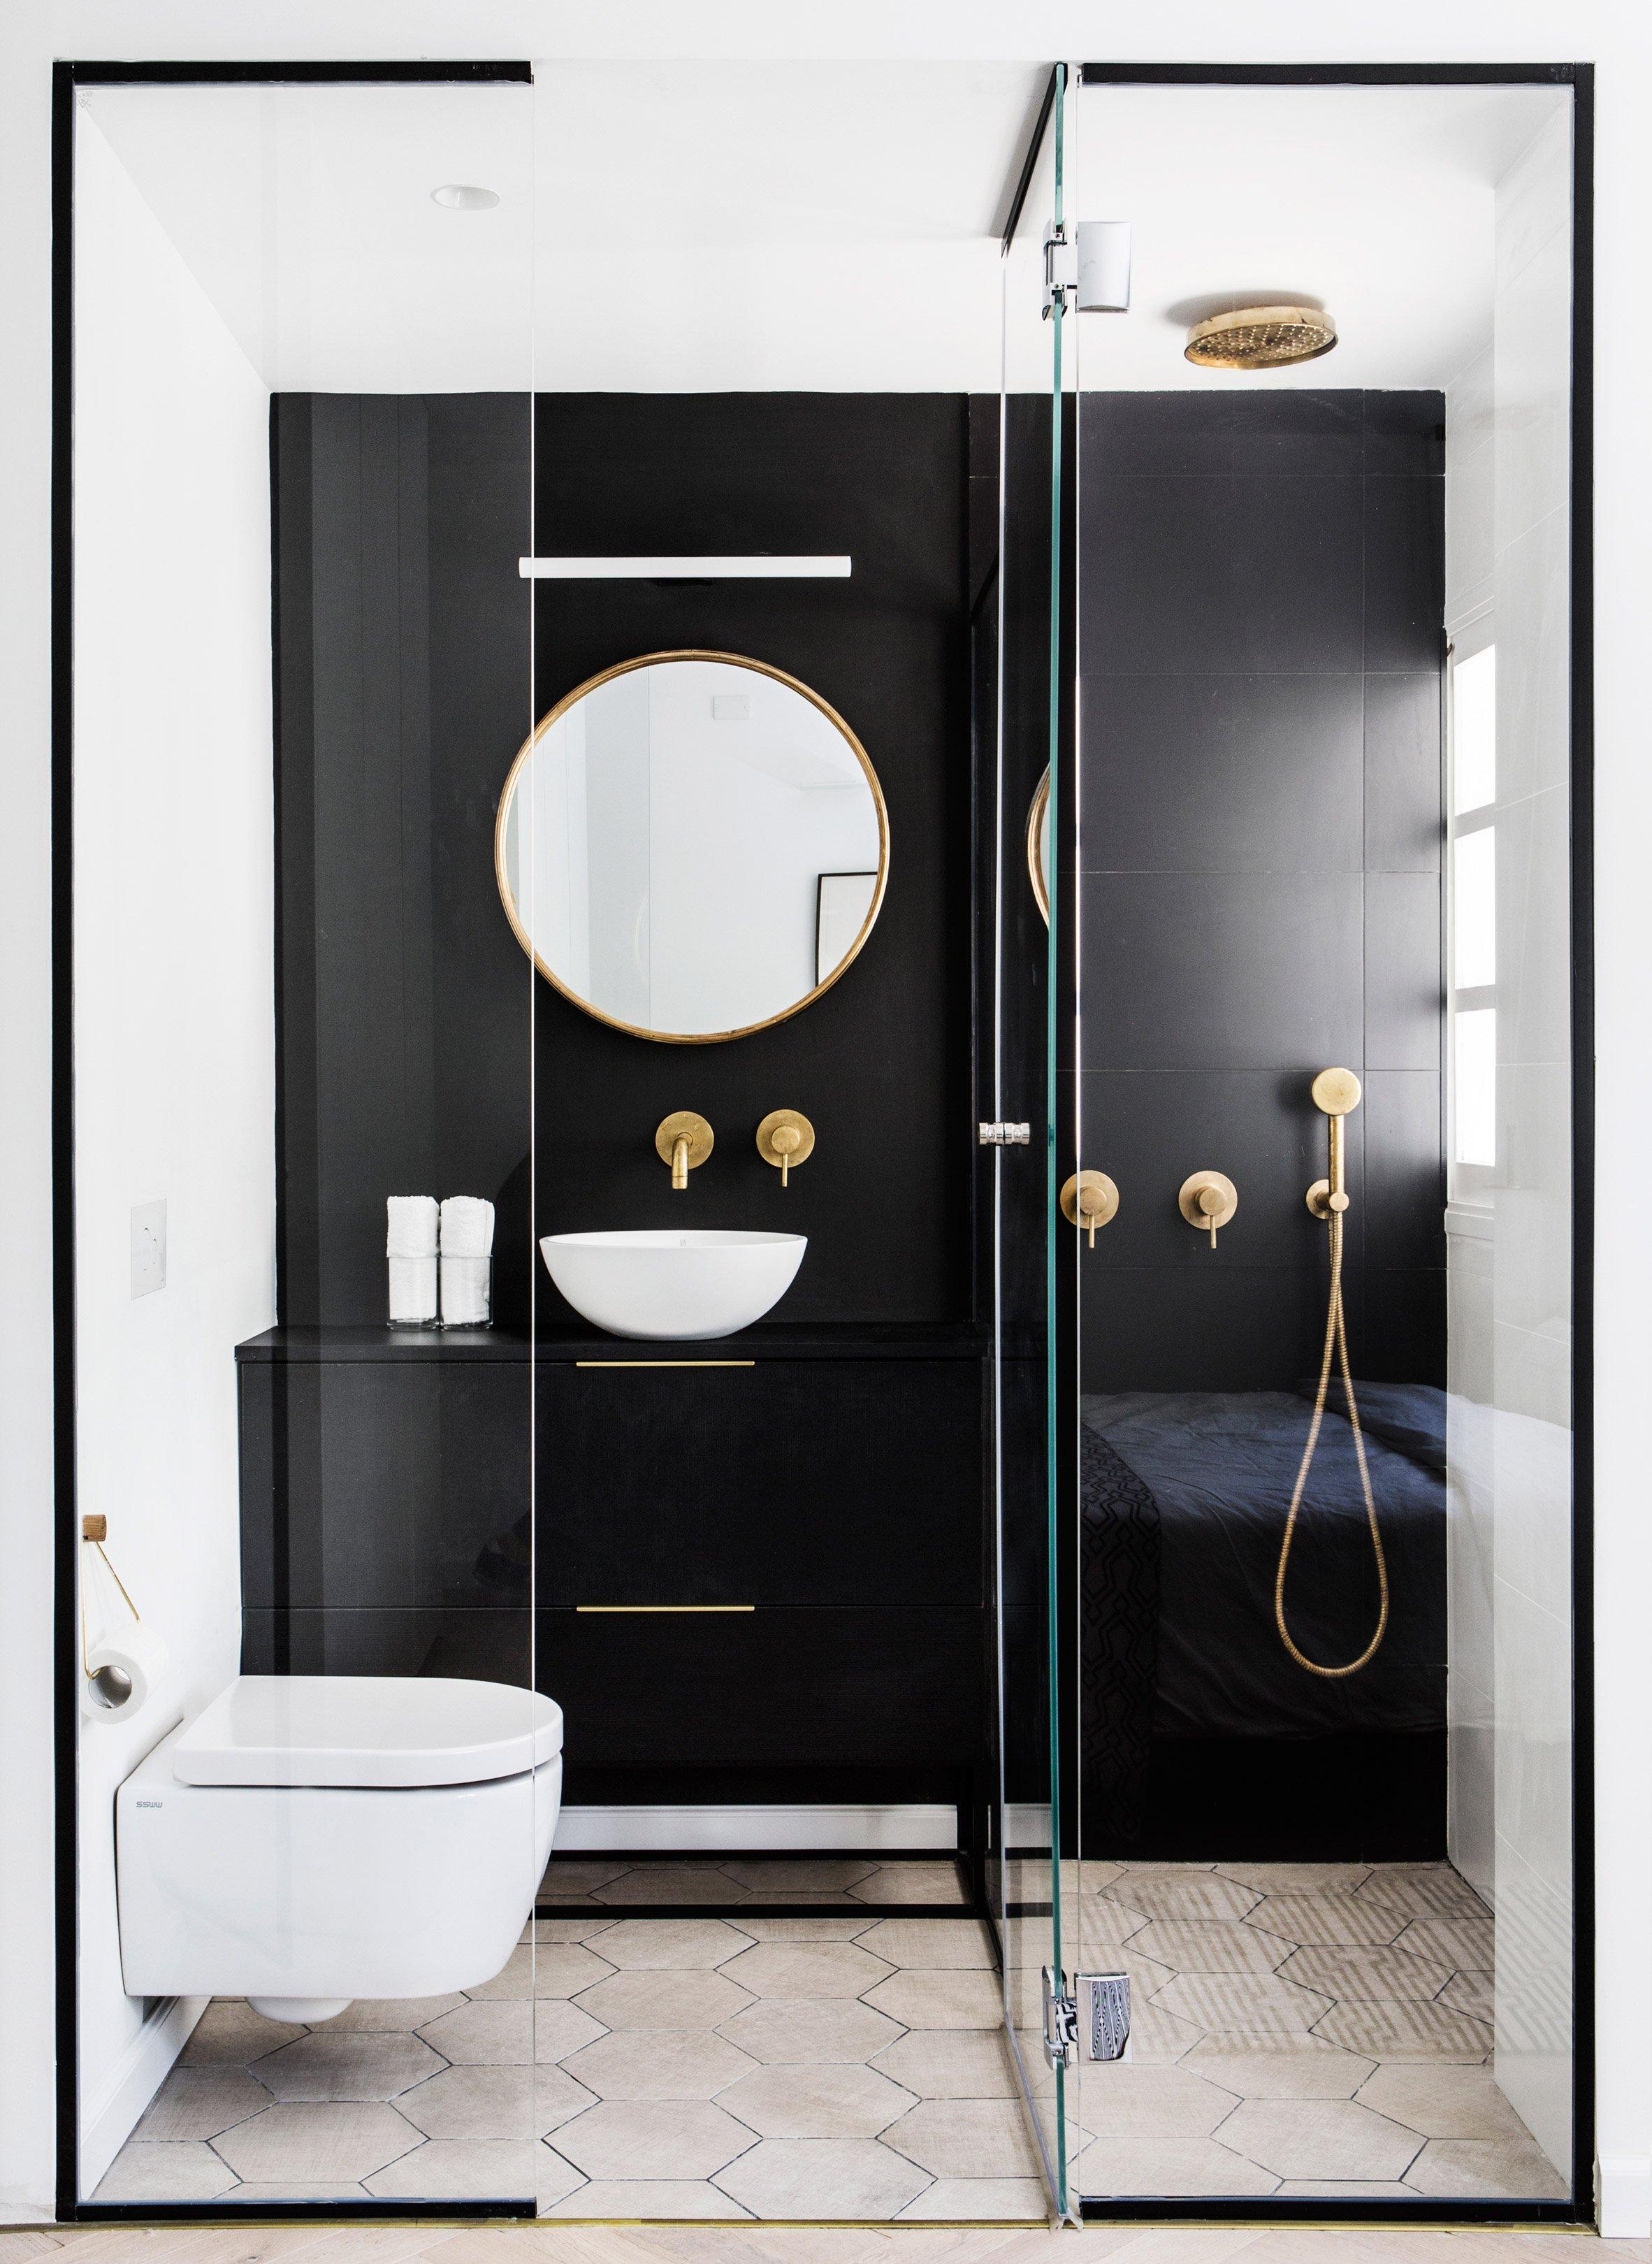 Mooie badkamer en suite met glazen deur en wanden